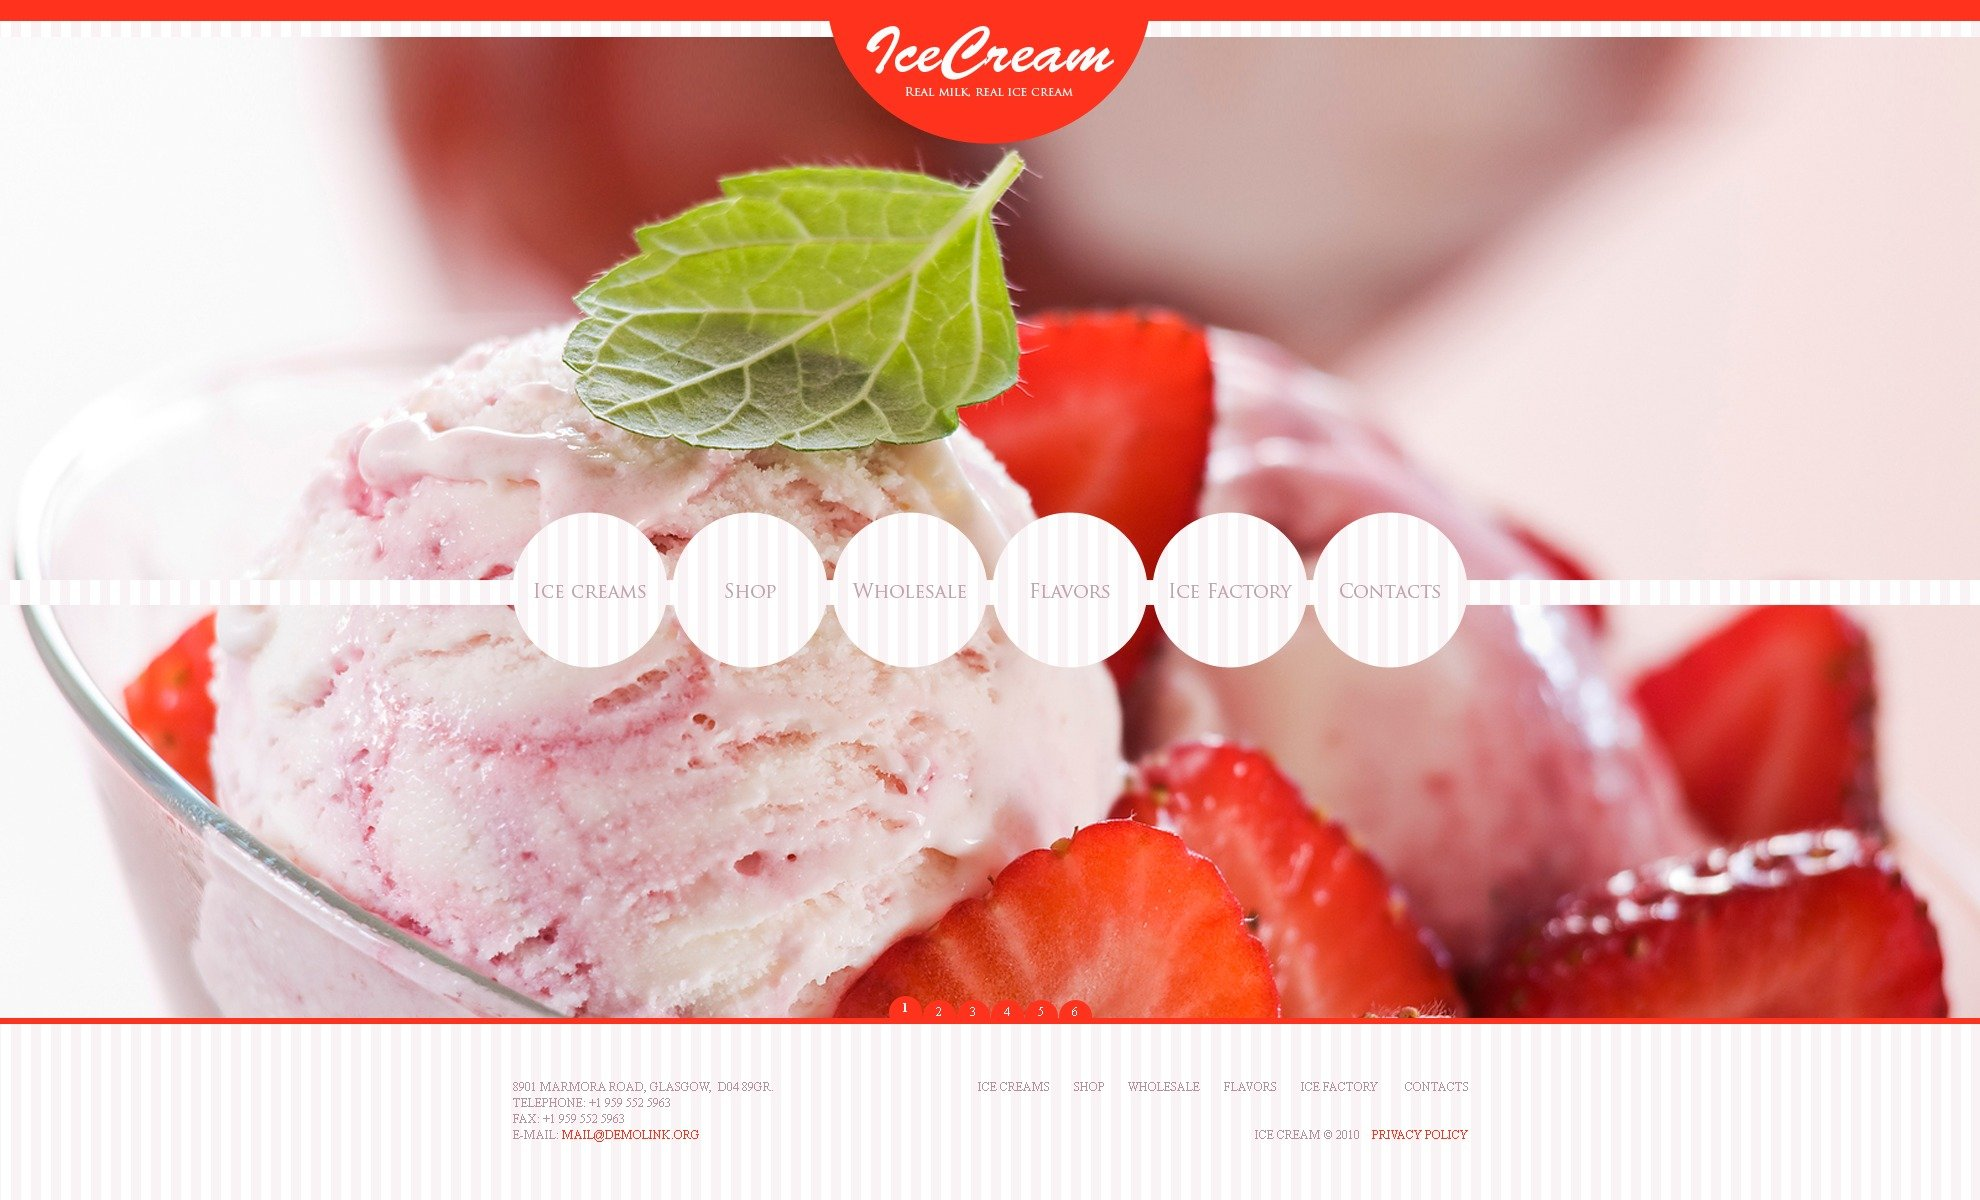 Ice Cream Website Template #30823